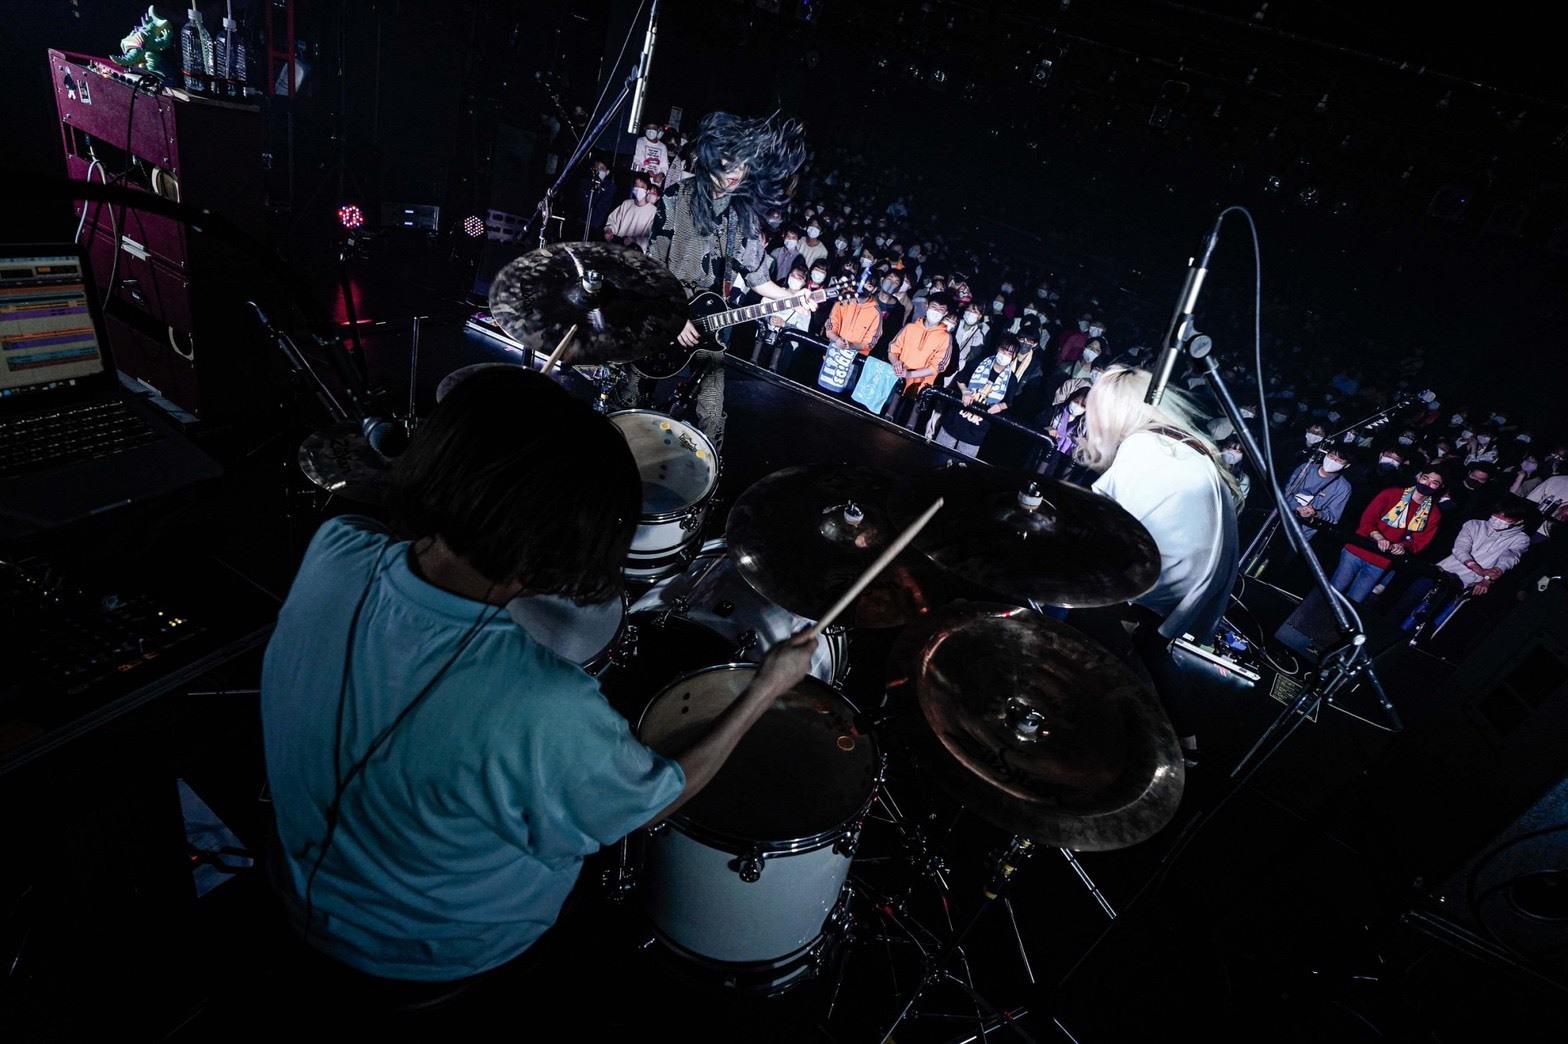 Photo by 上飯坂一